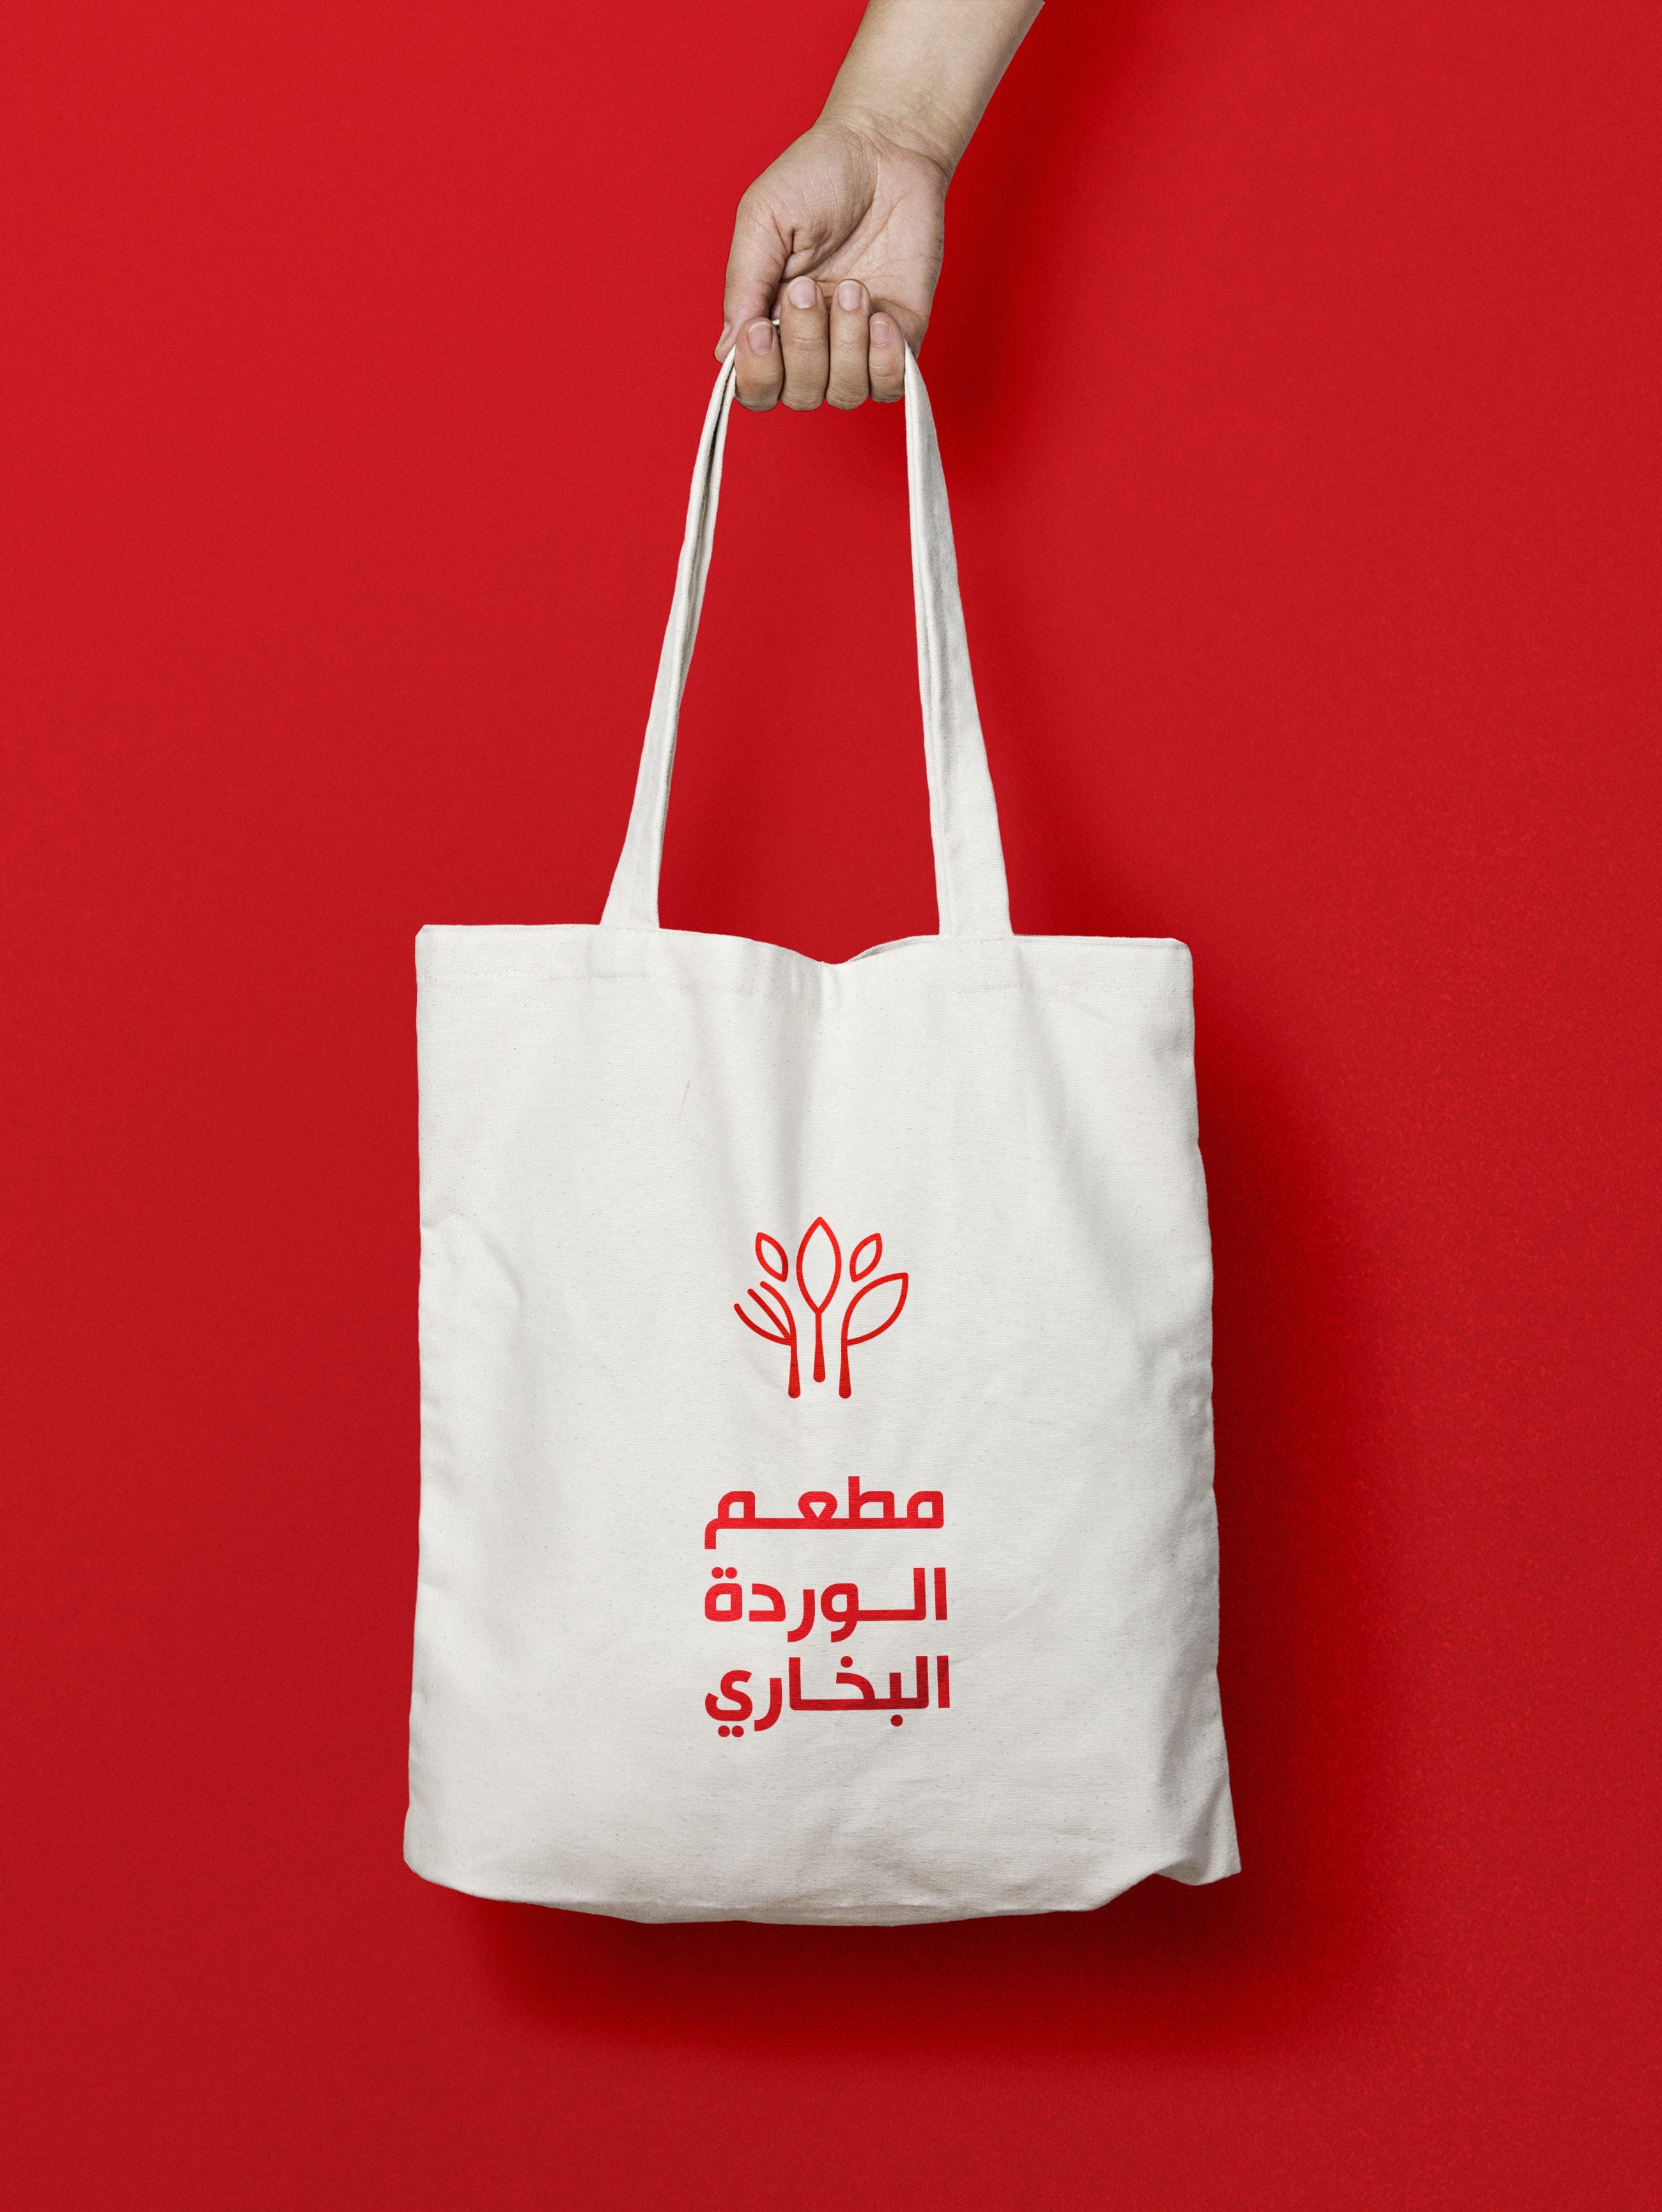 شعار مطعم الوردة البخاري